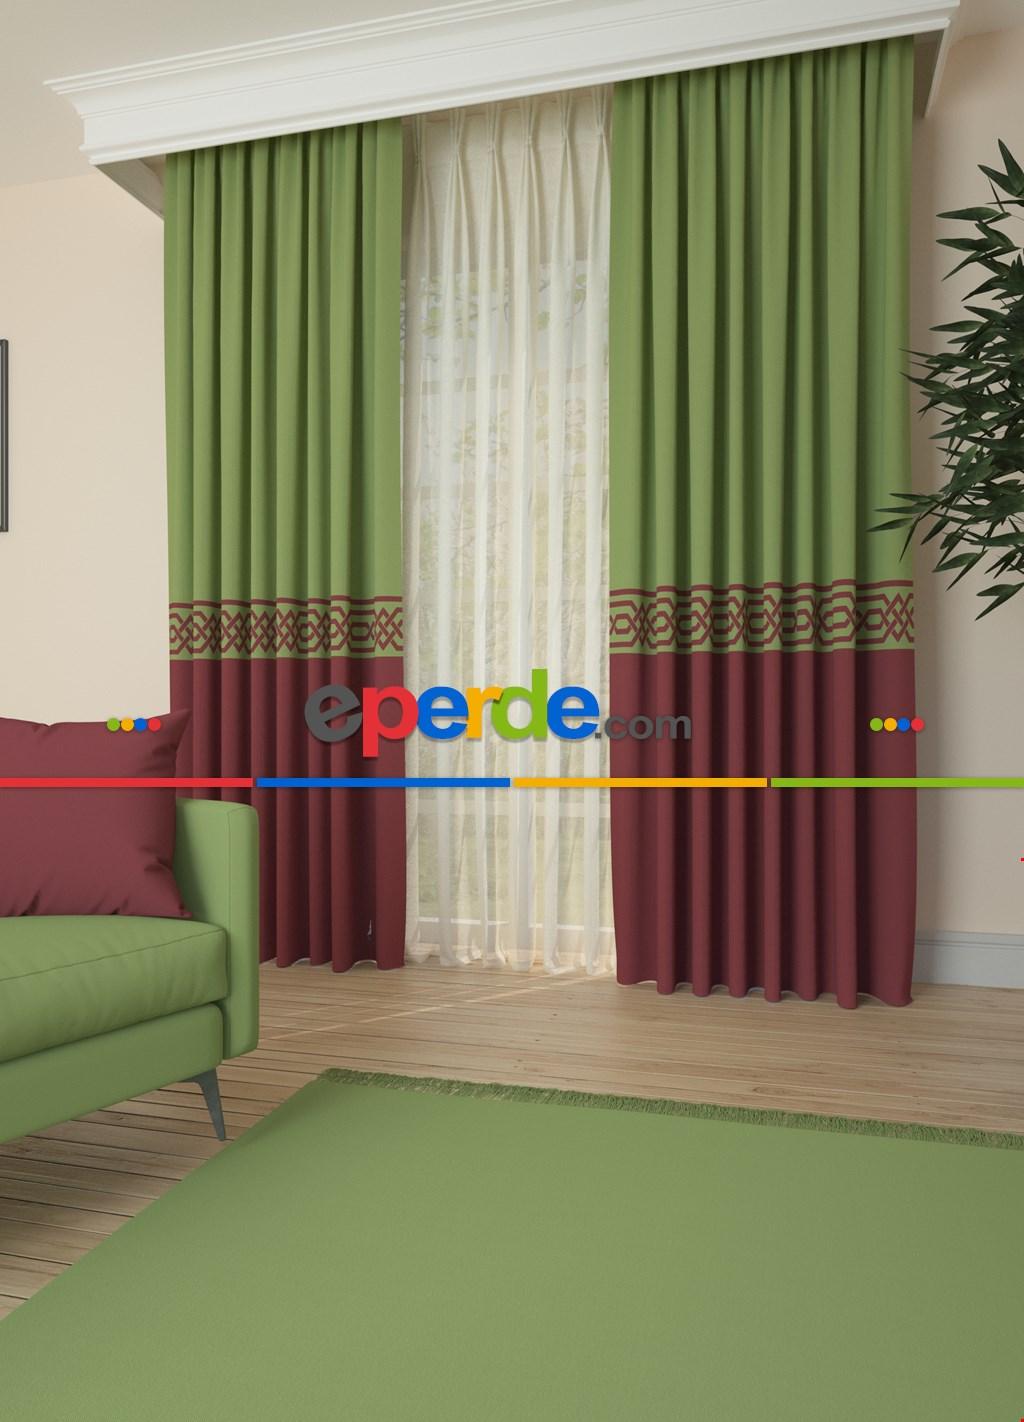 Yeşil Açık Bordo Bordürlü Pano Fon Perde 1. Kalite Çok Dökümlü - Salon - Yatak Odası - Oturma Odası